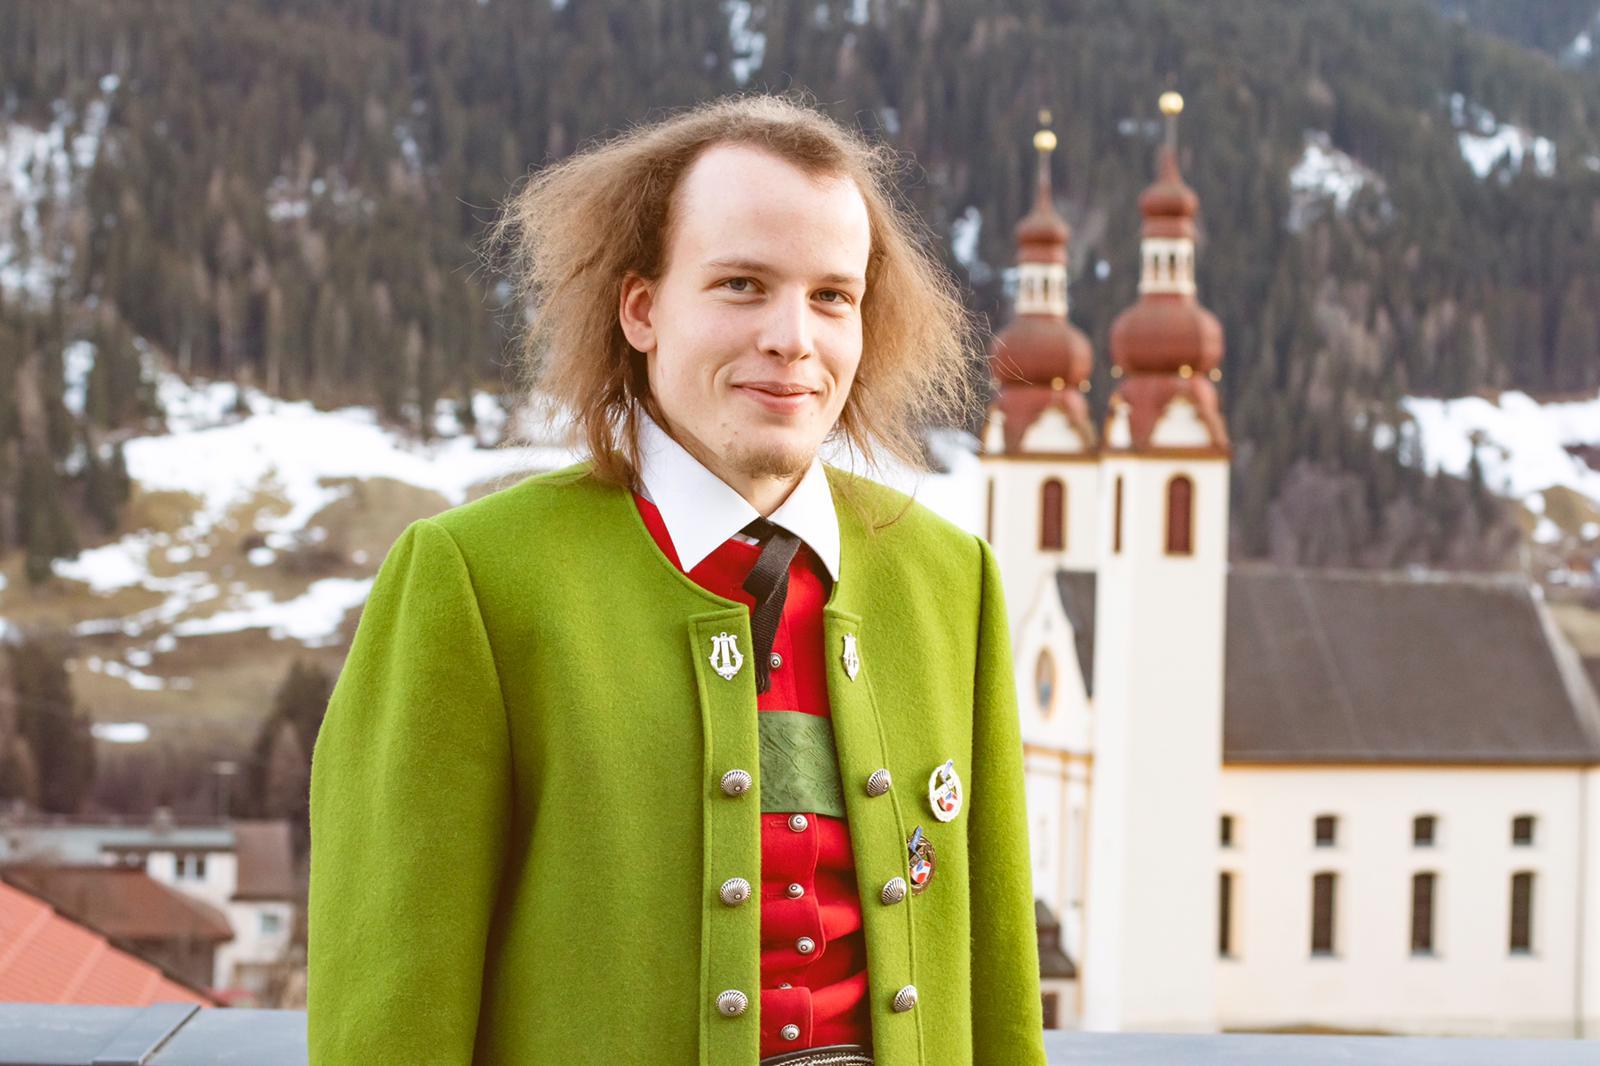 Florian Walch